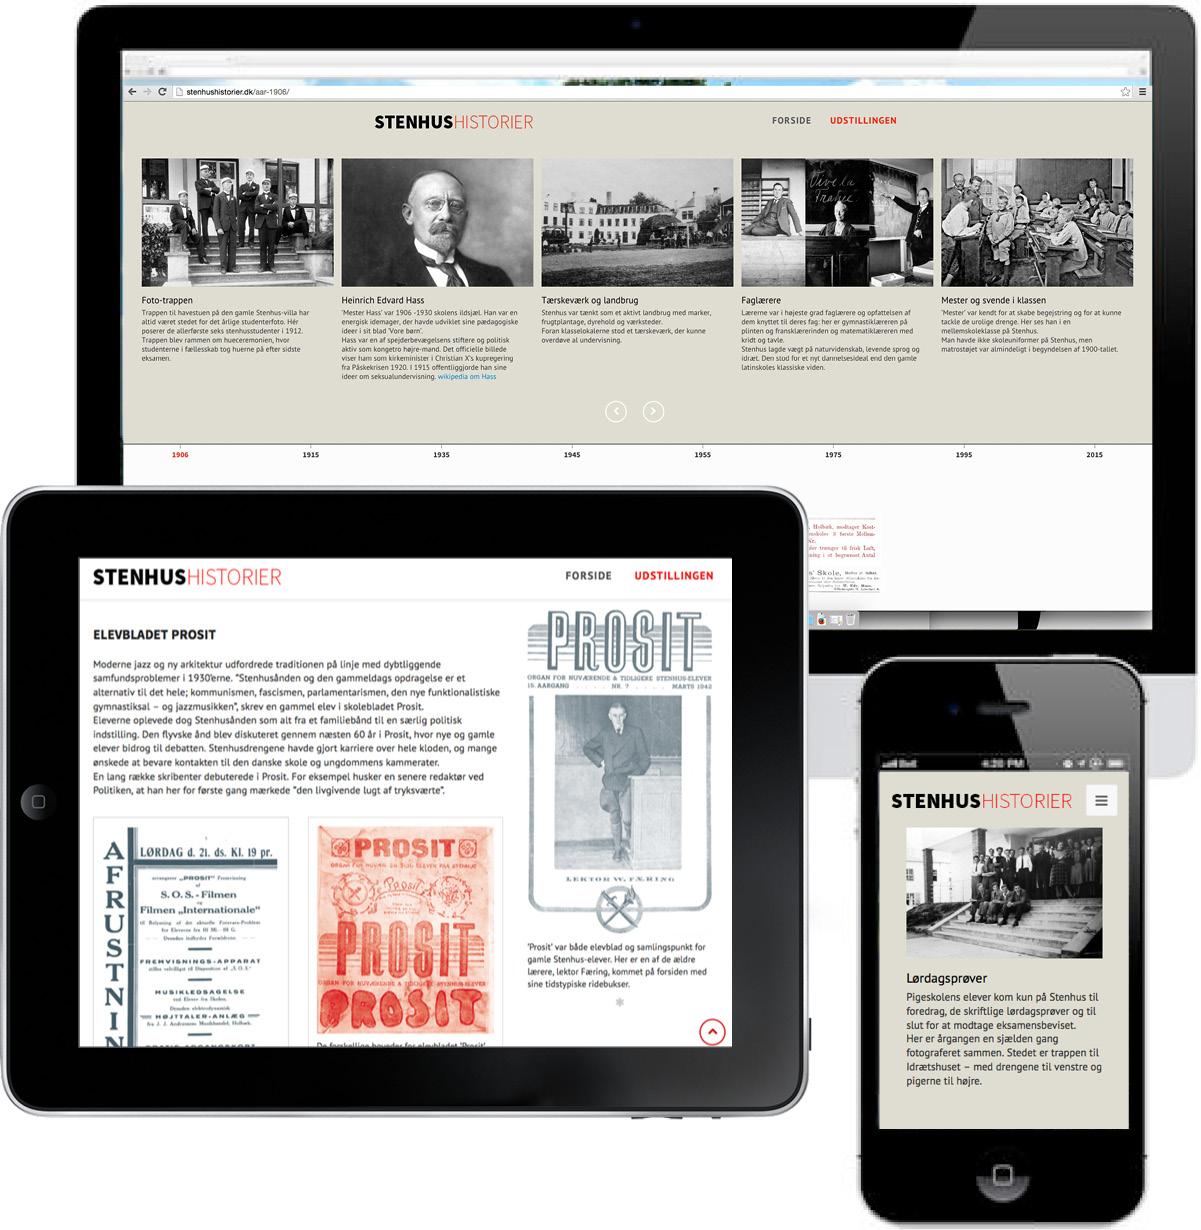 Stenhushistorier - responsivt webdesign